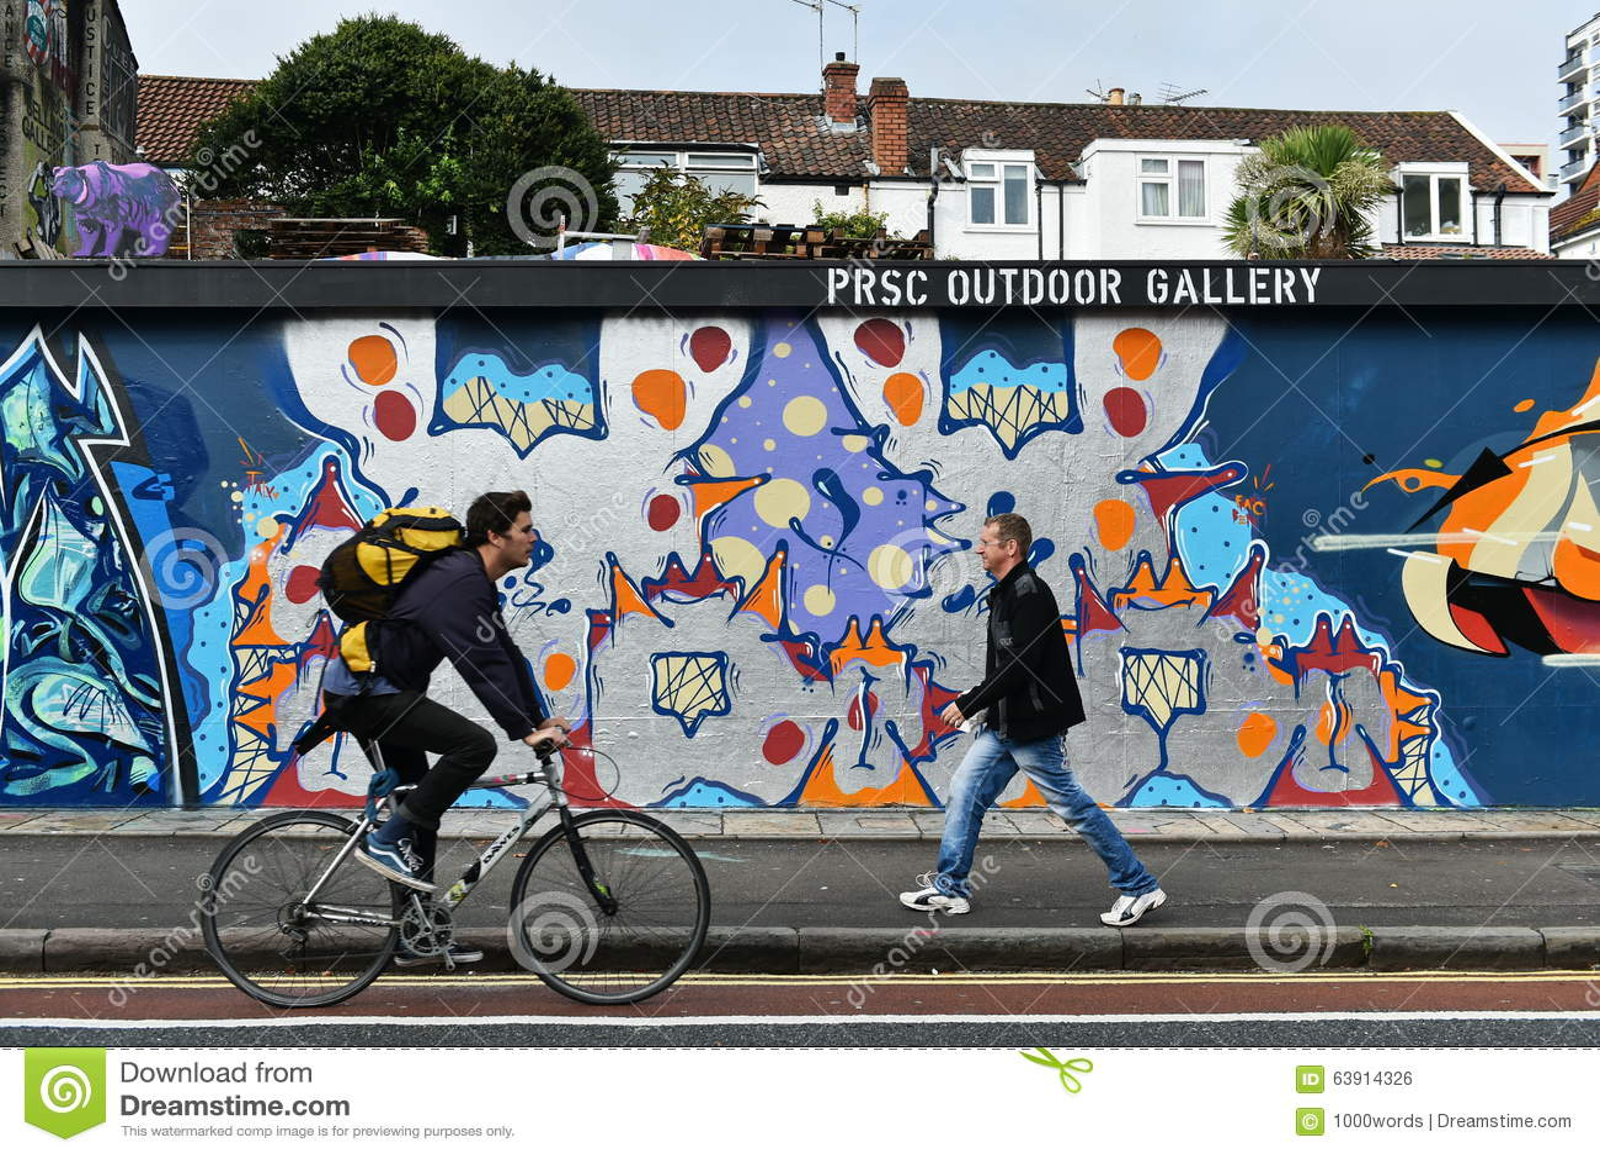 Graffiti wall uk - Graffiti Wall